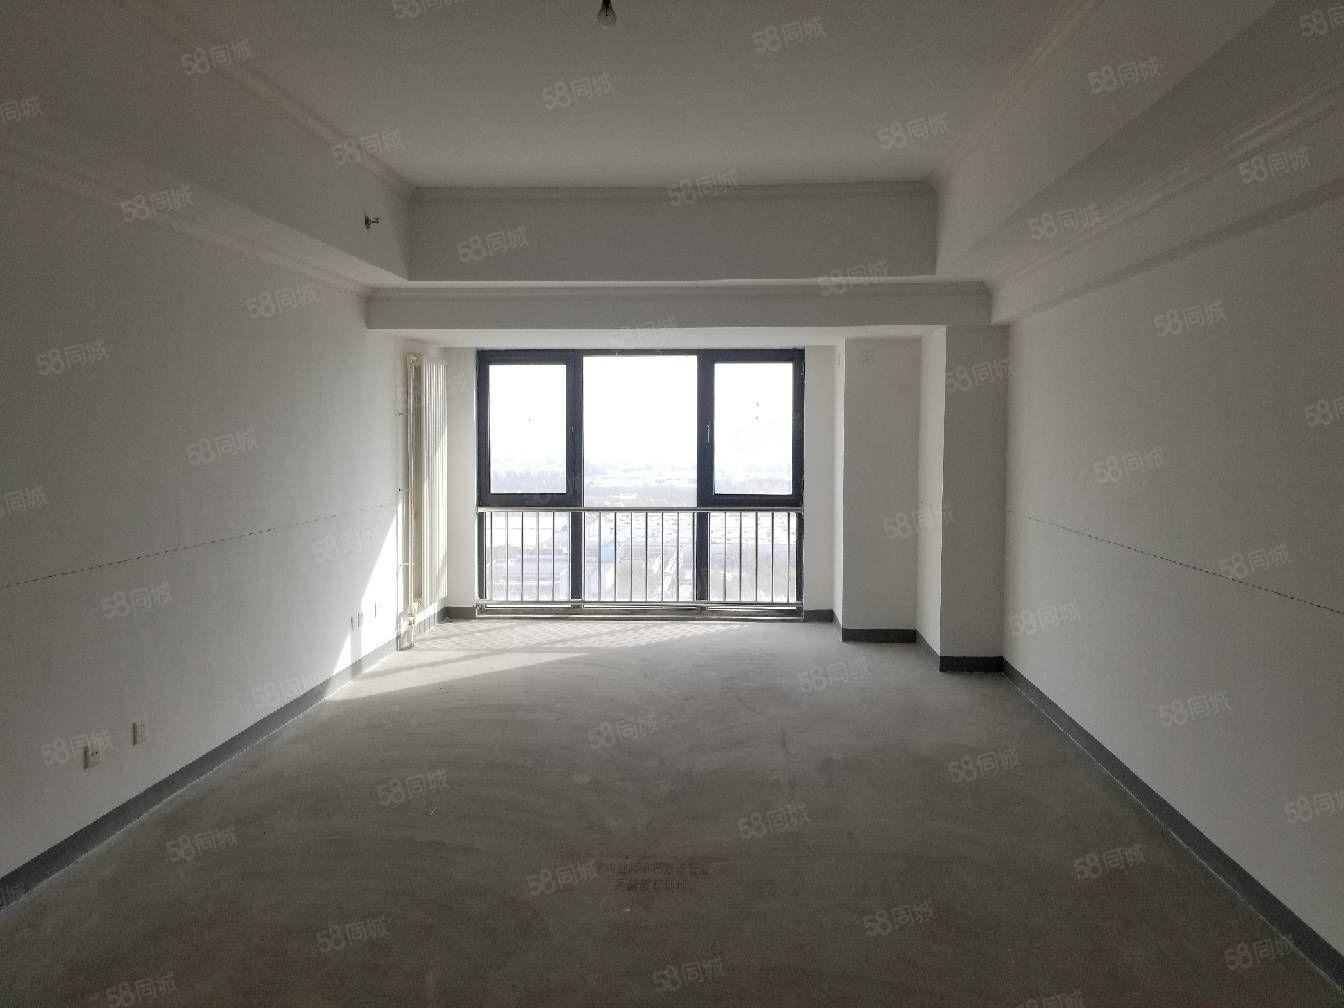 西夏万达广场精品一手房仅剩几套小户型朝阳预购从速月底售完